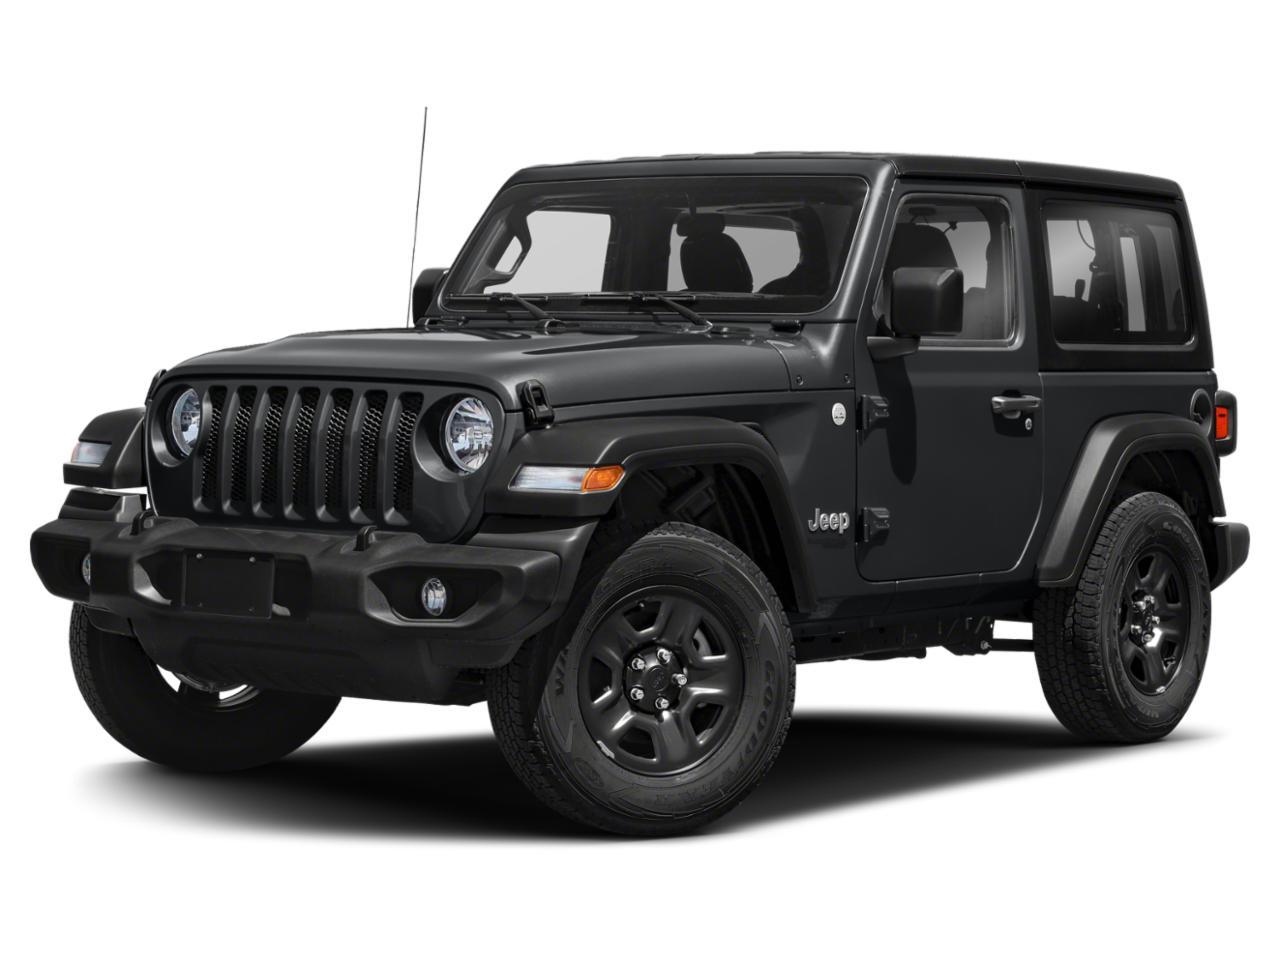 2020 Jeep Wrangler Vehicle Photo in MEDINA, OH 44256-9631